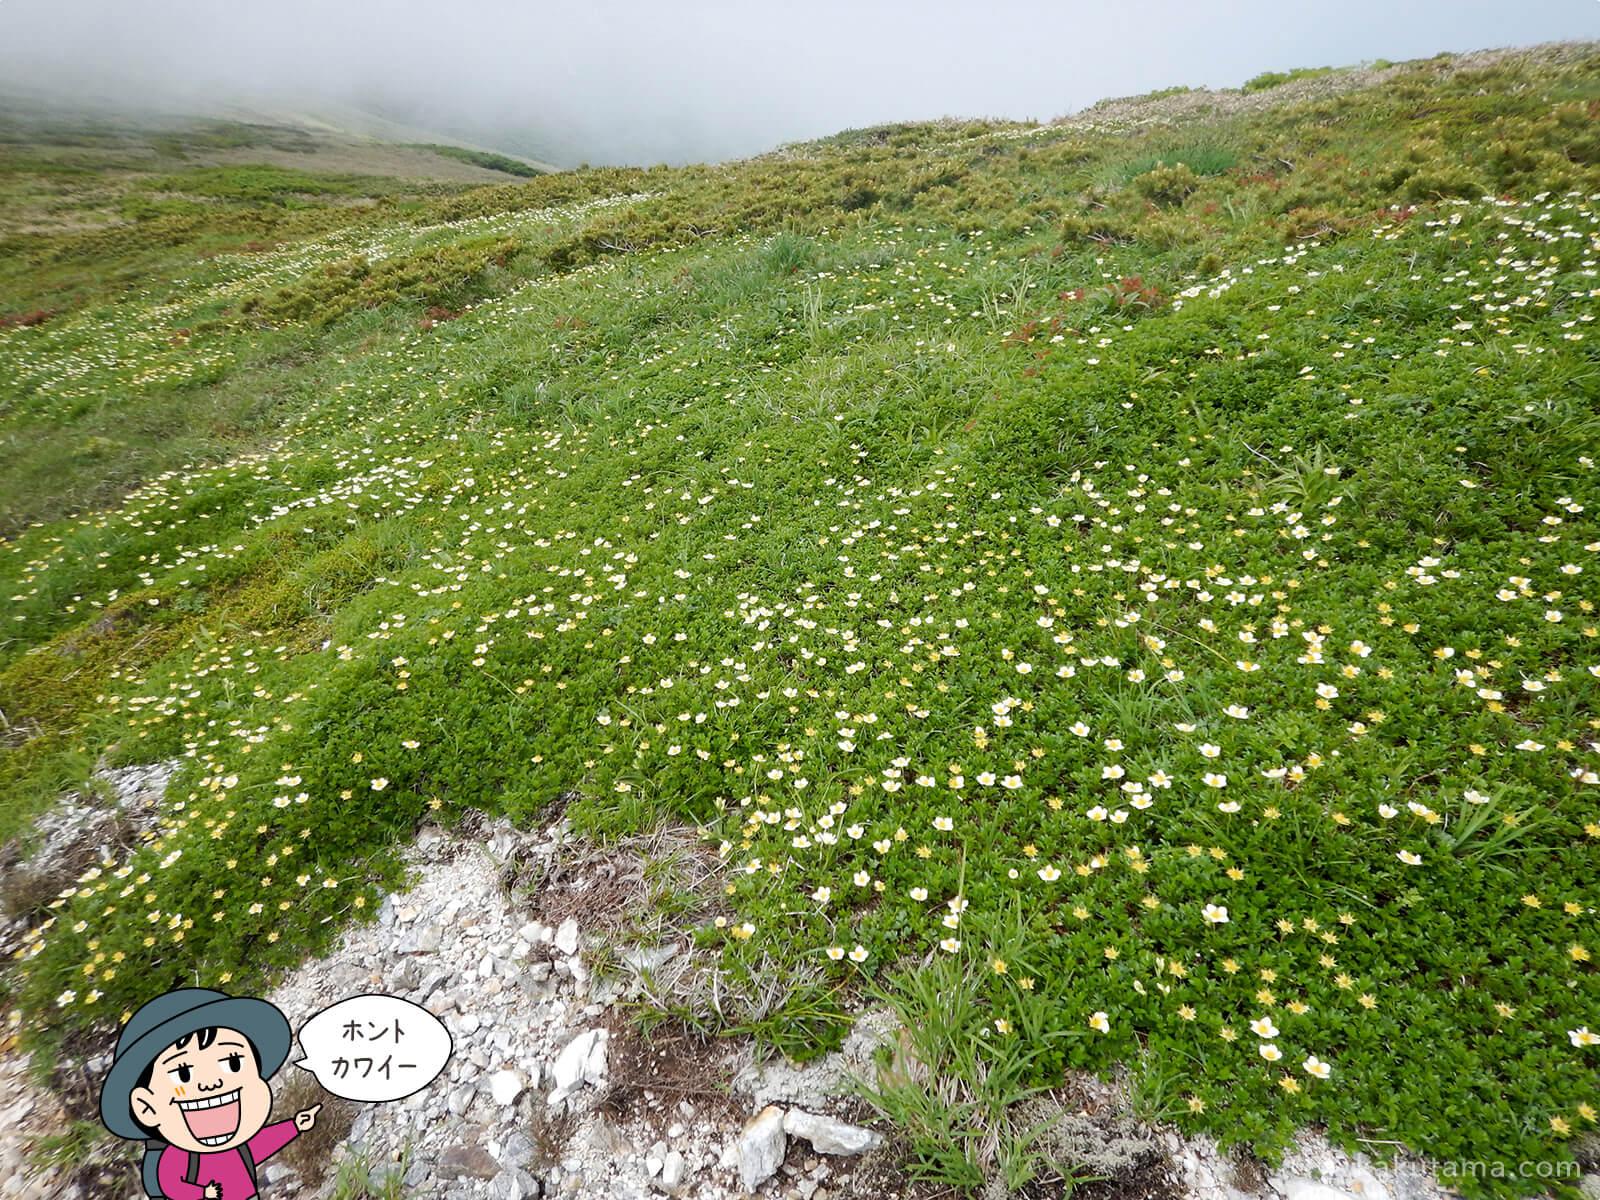 仙ノ倉山から平標山への道脇に咲く花